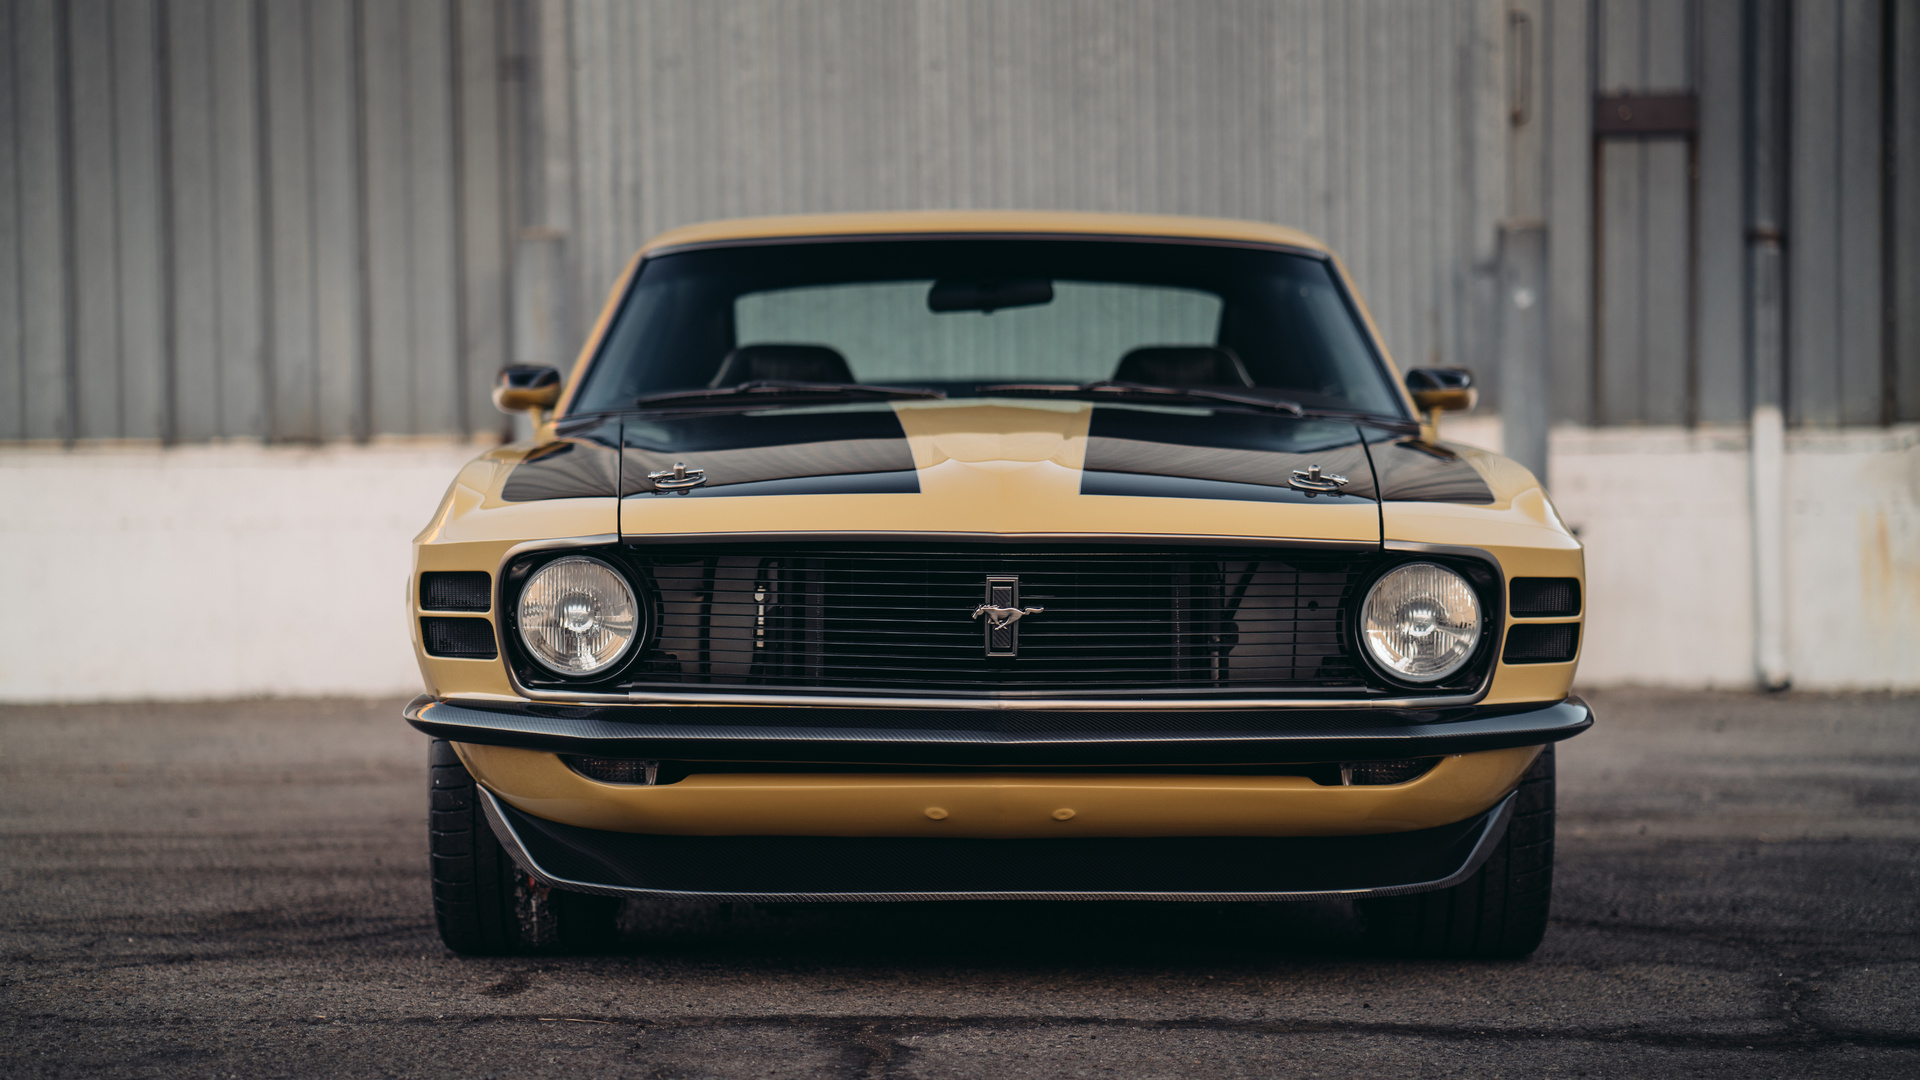 speedkore, rdj, boss, 302, ford, mustang, golden, вид спереди